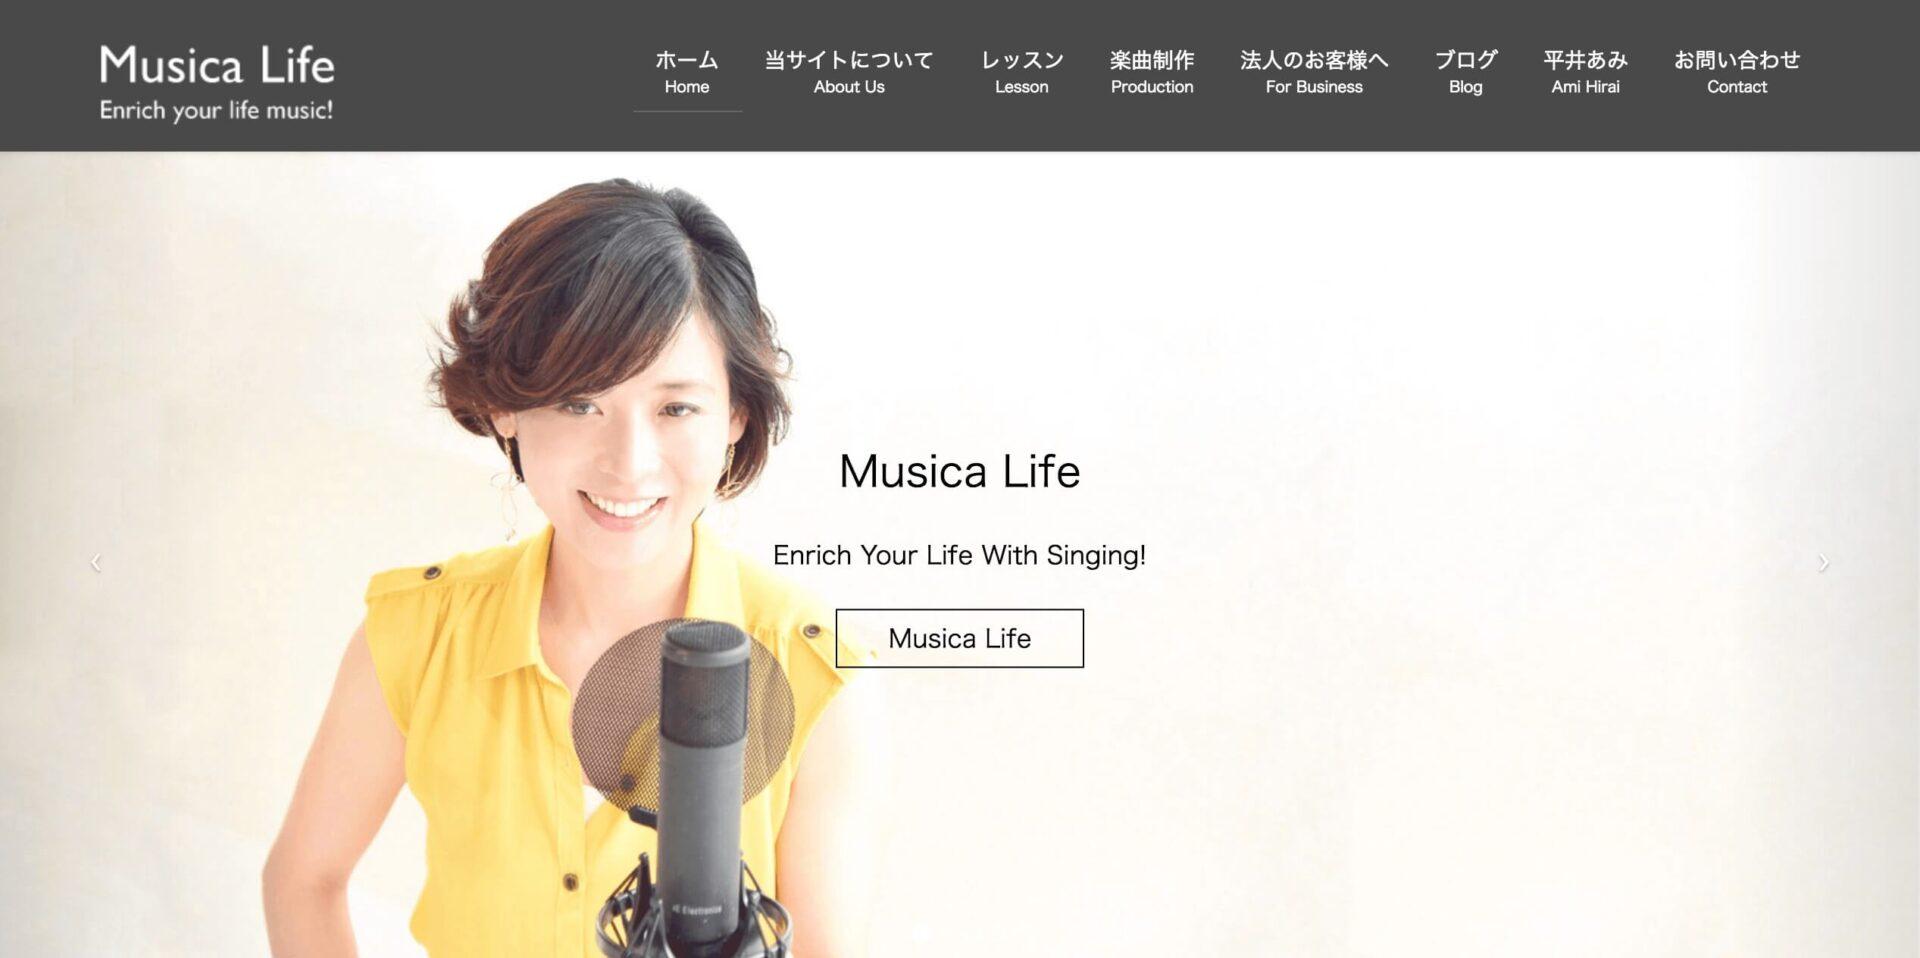 【制作事例】平井あみ様:WordPressでホームページをリニューアルいたしました